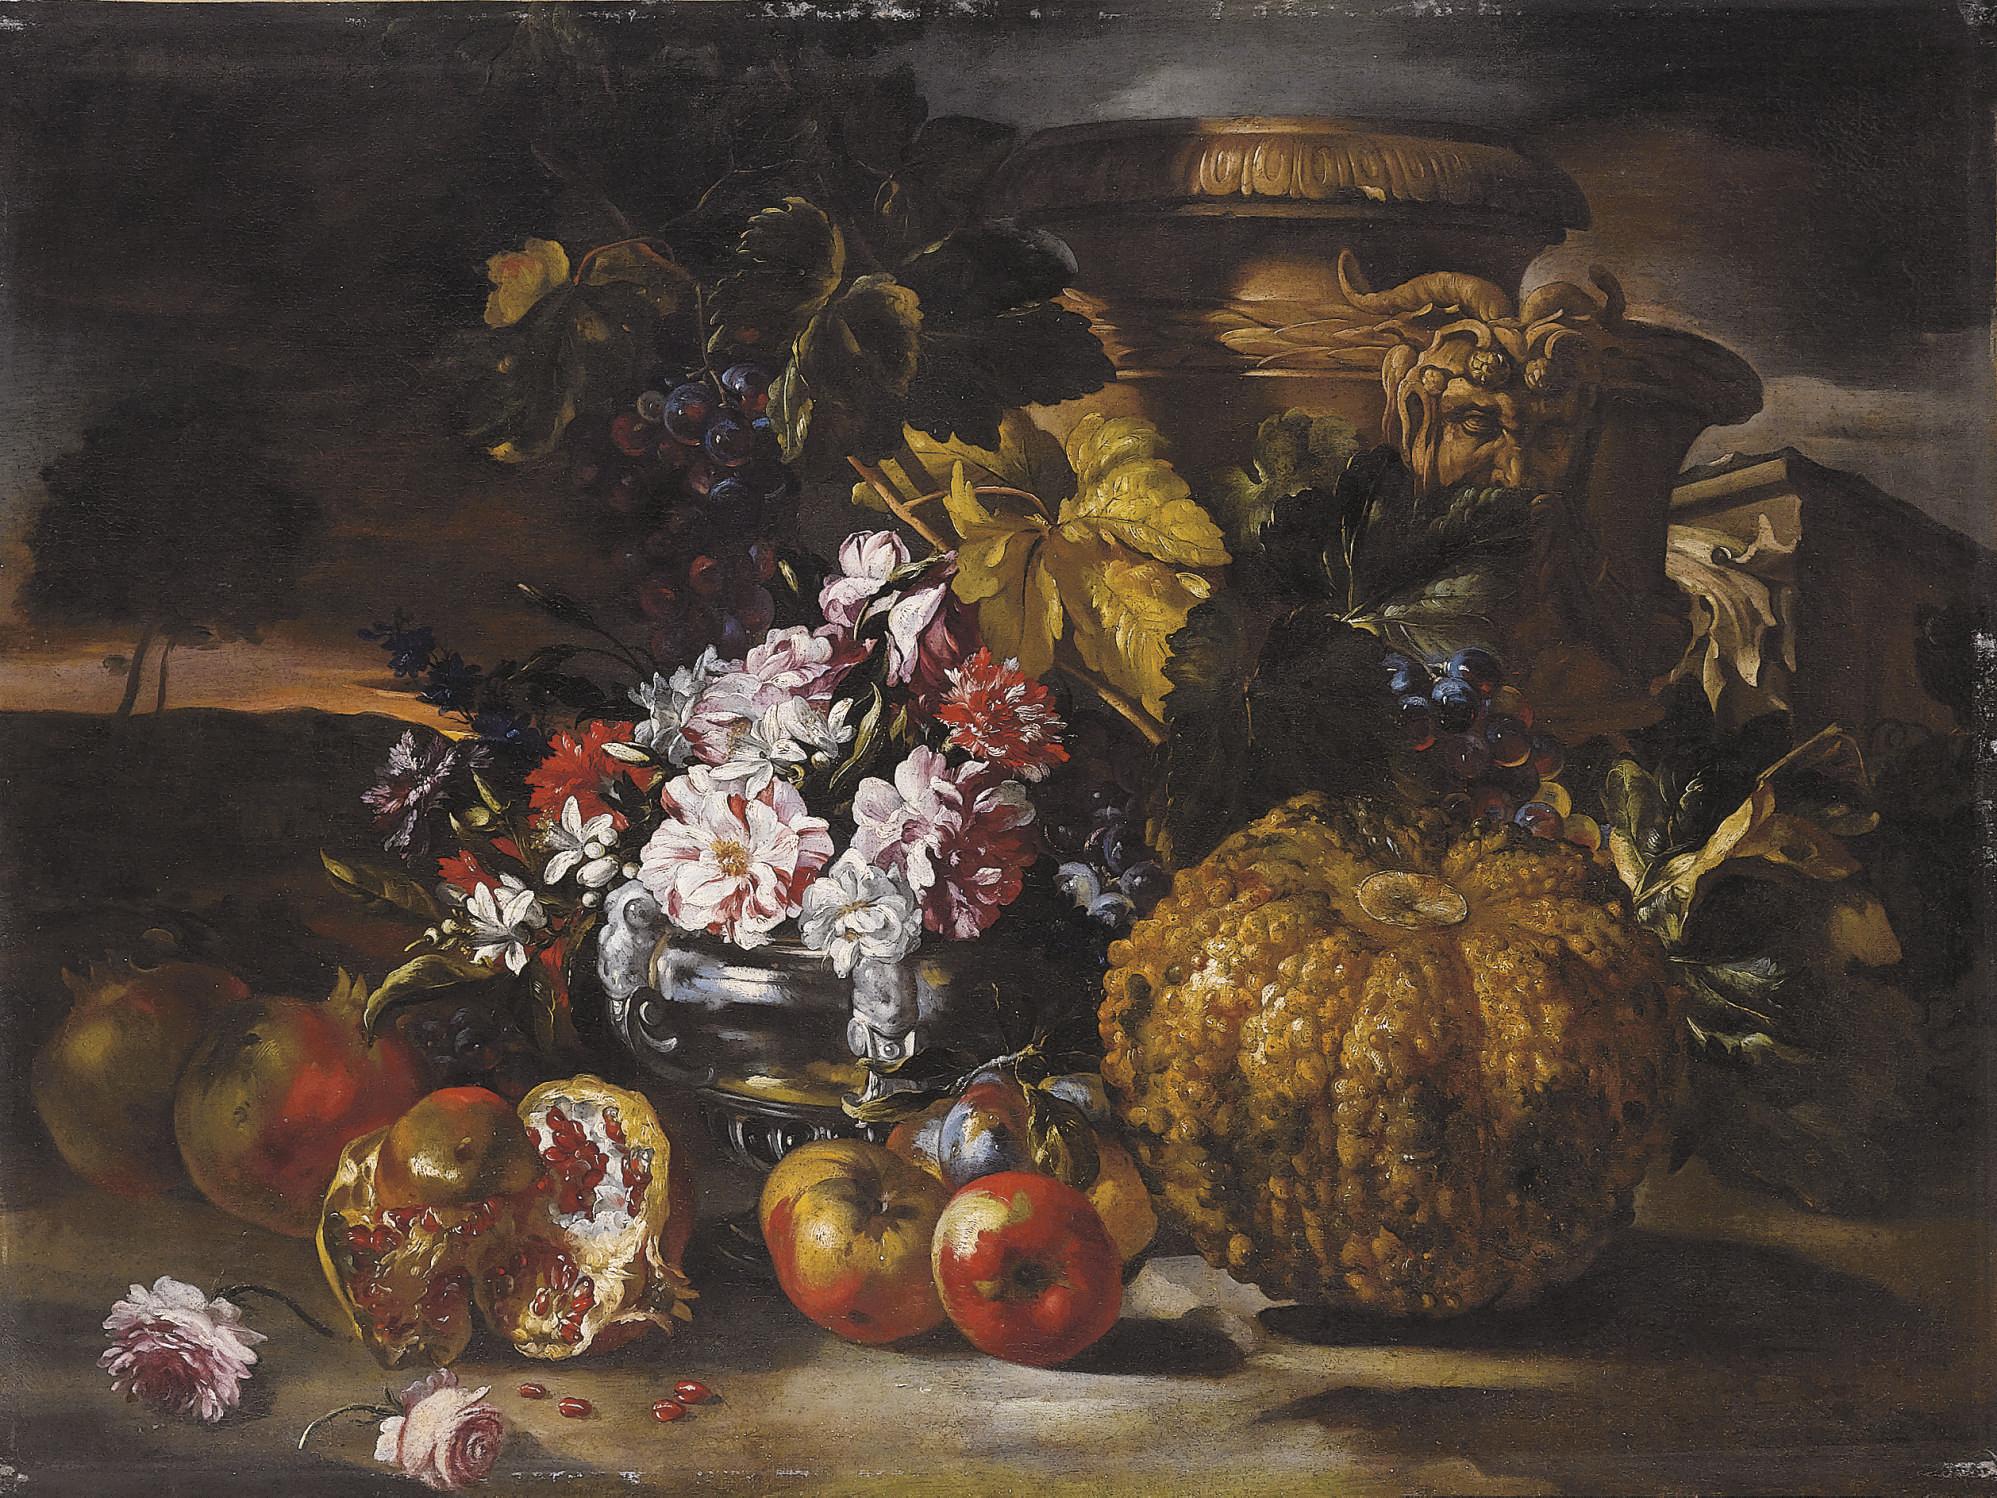 Rose e garofani in un vaso d'argento con uva e melograne su sfondo di paesaggio